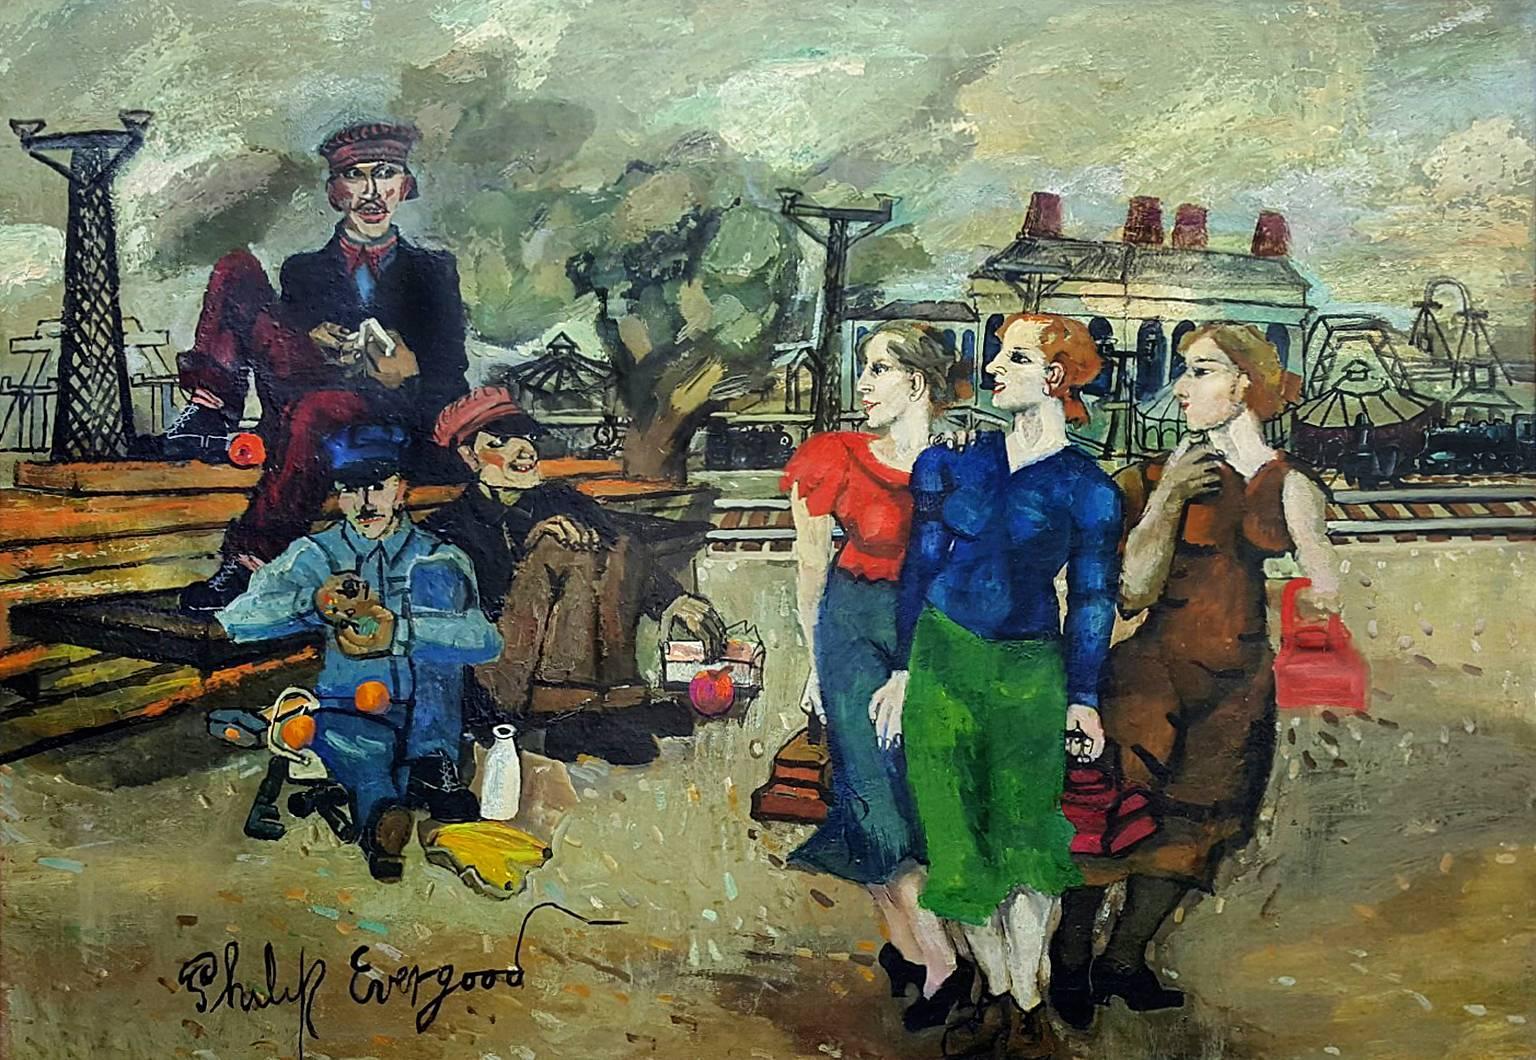 Railroad Men's Wives